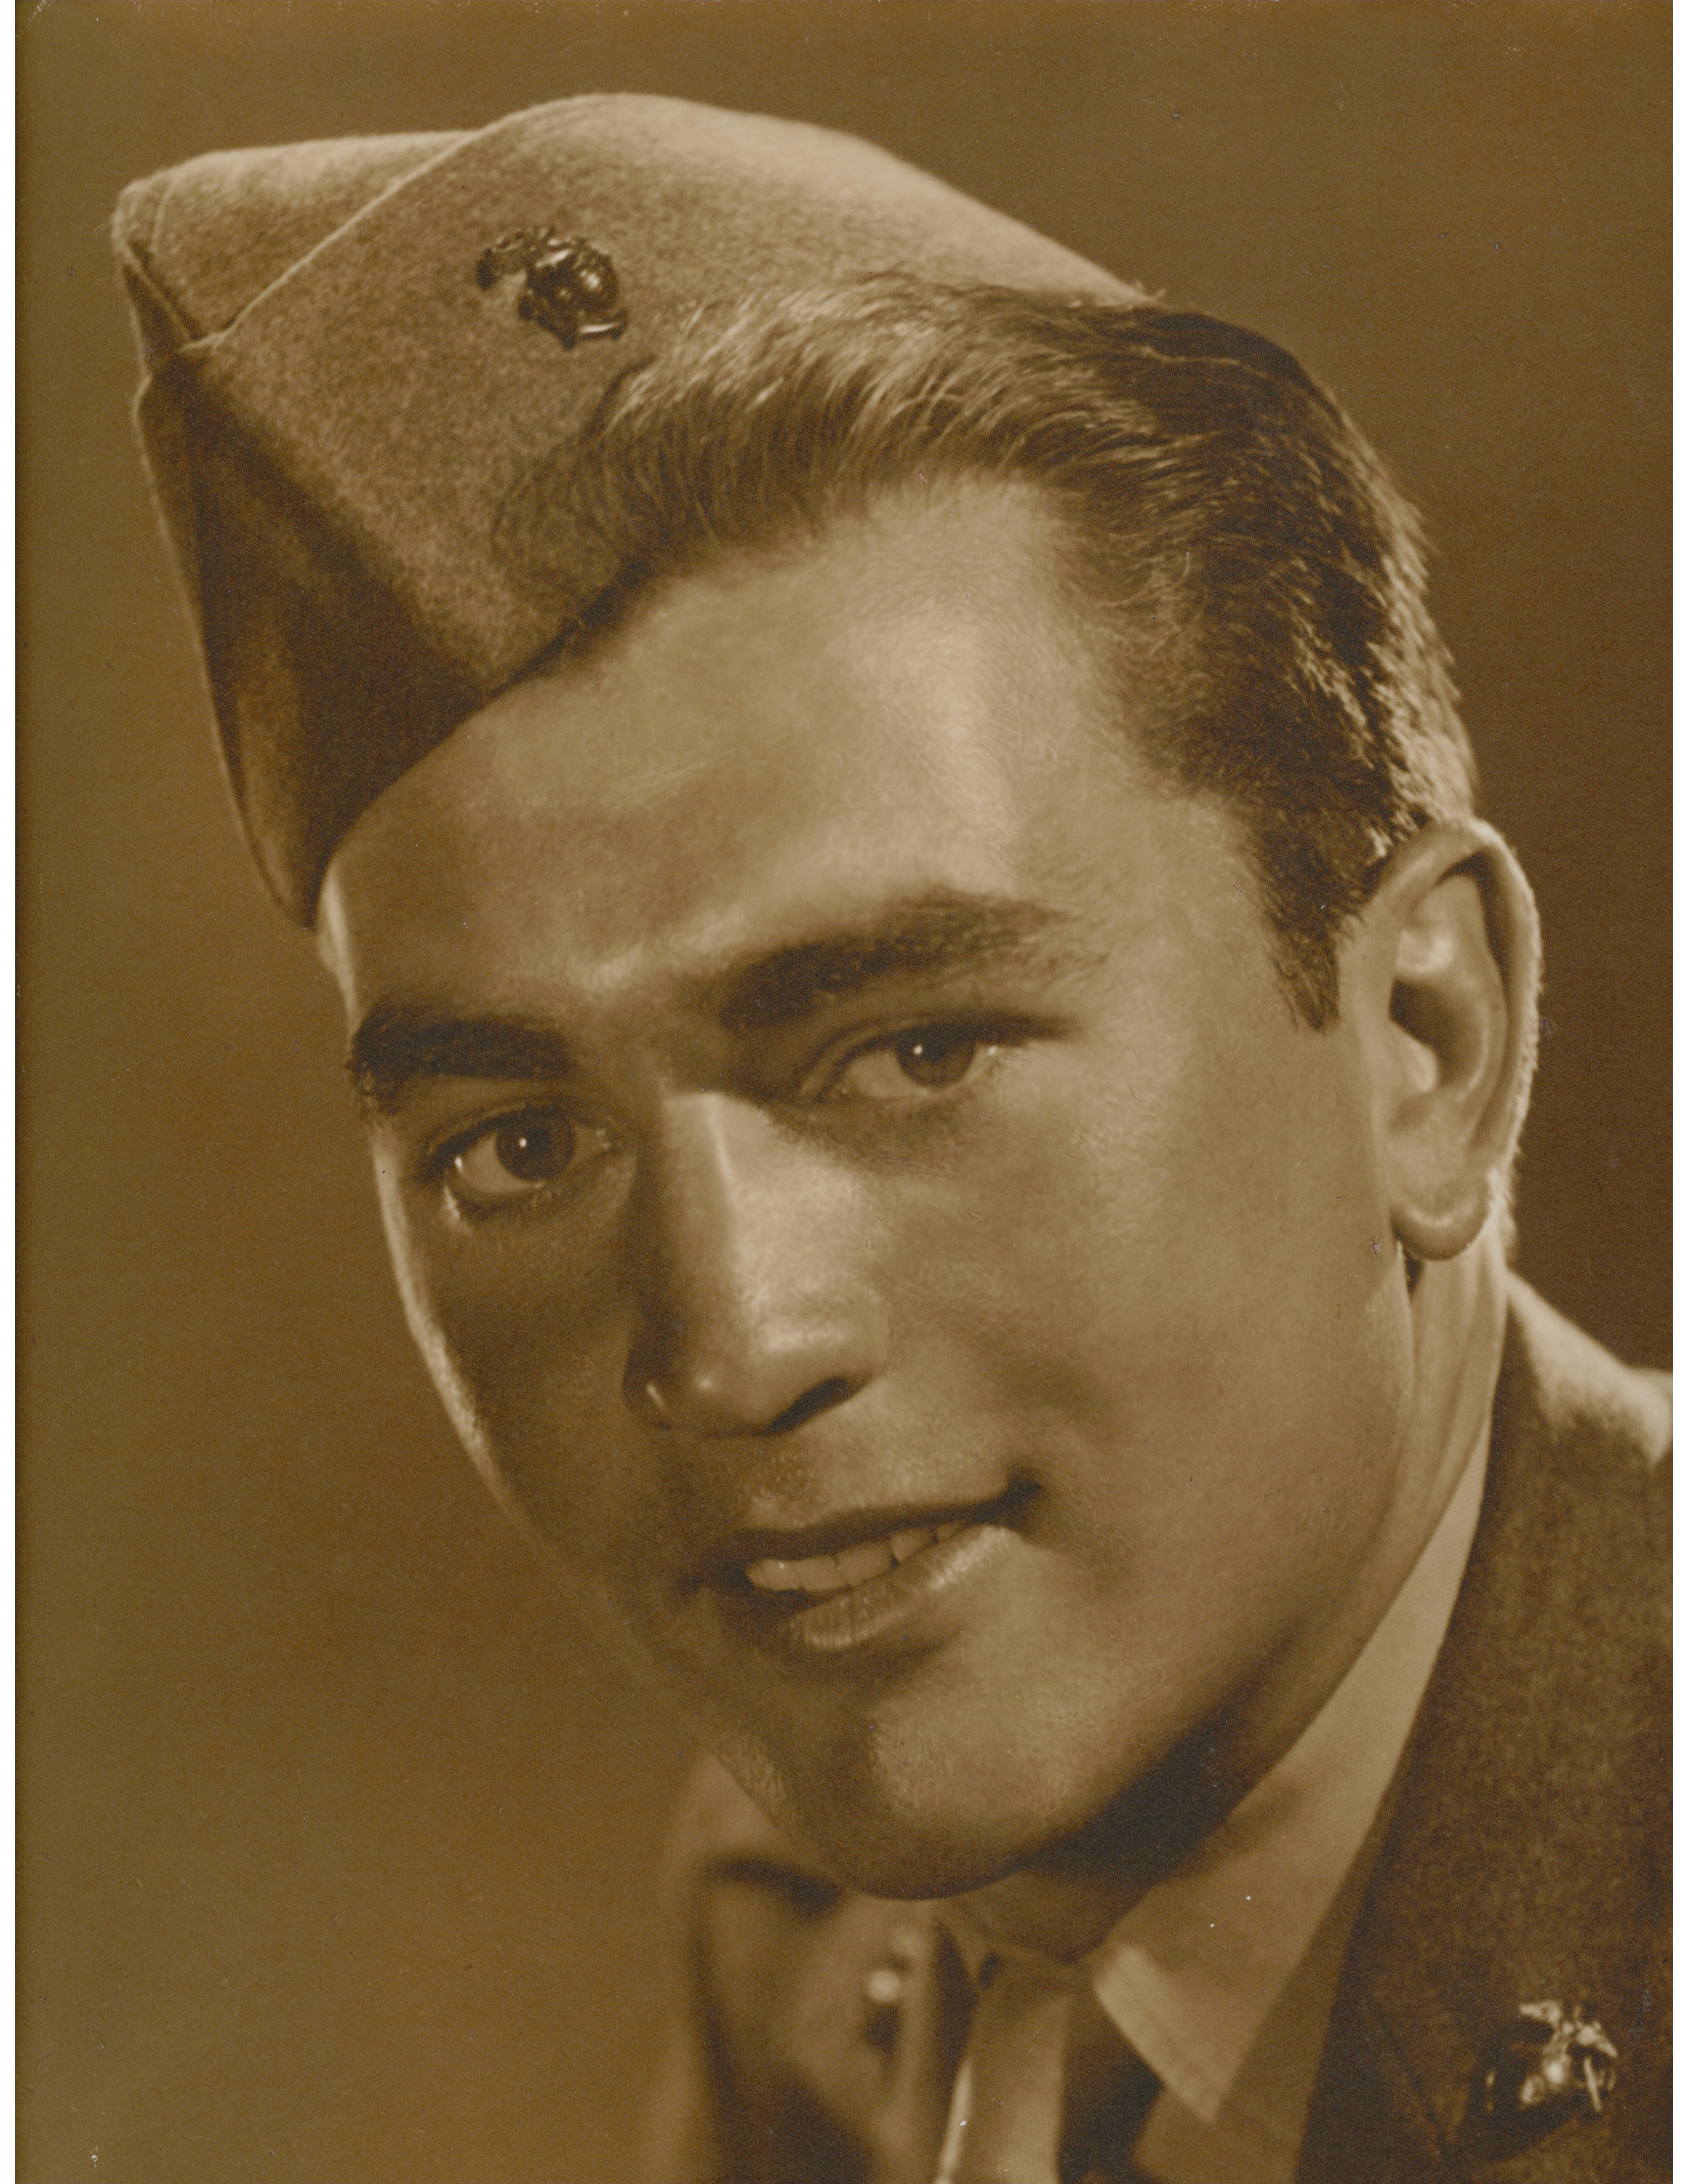 Darrell Roy Lott